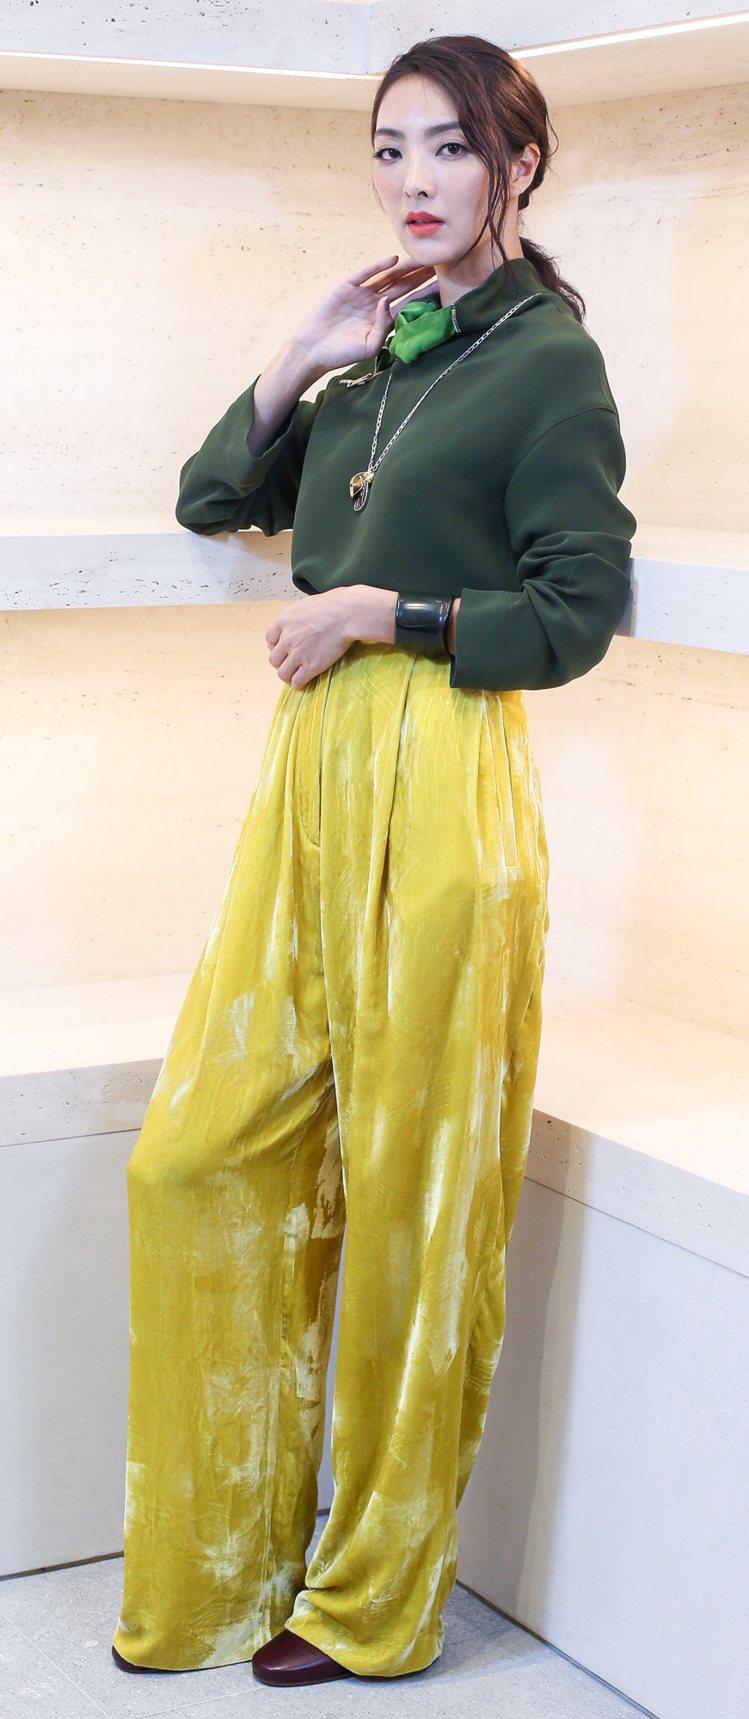 吳速玲最喜歡如CELINE秋冬剪裁簡單但彩度高、有點復古味道服裝。墨綠色絲綢上衣...